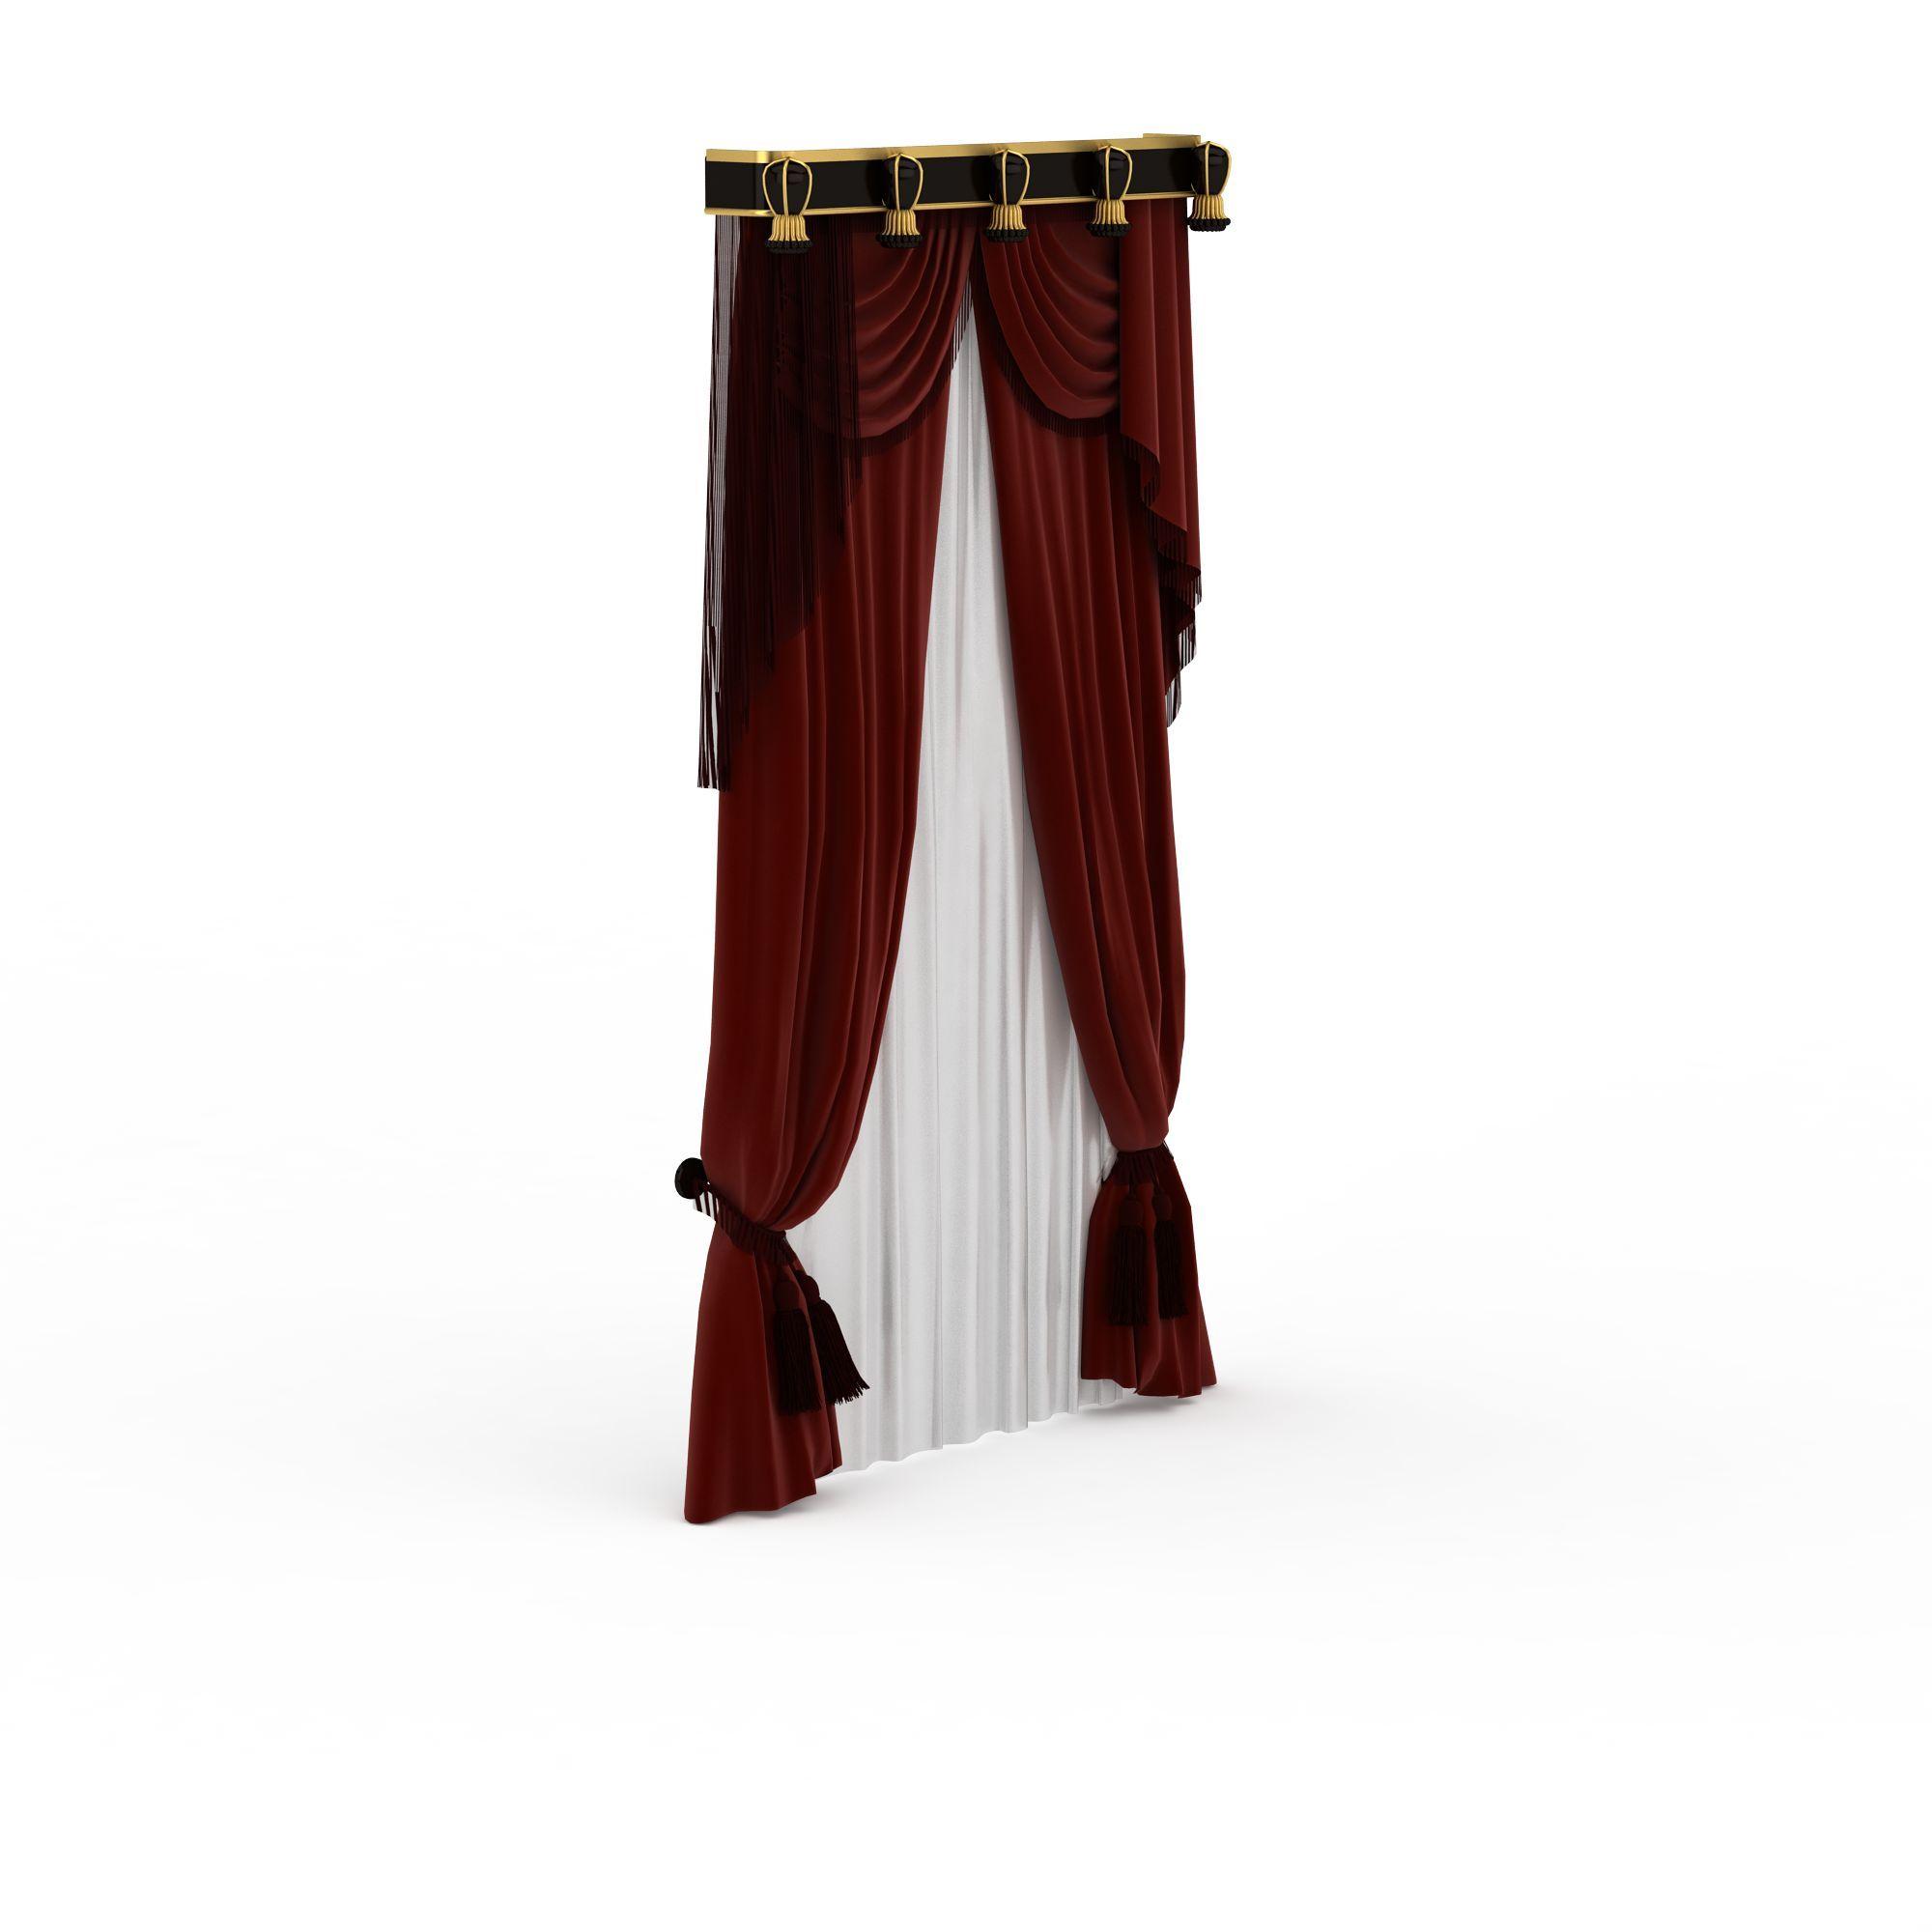 欧式窗帘高清图详情 设计师 3d学院 模型名称 欧式窗帘3d模型 学院id